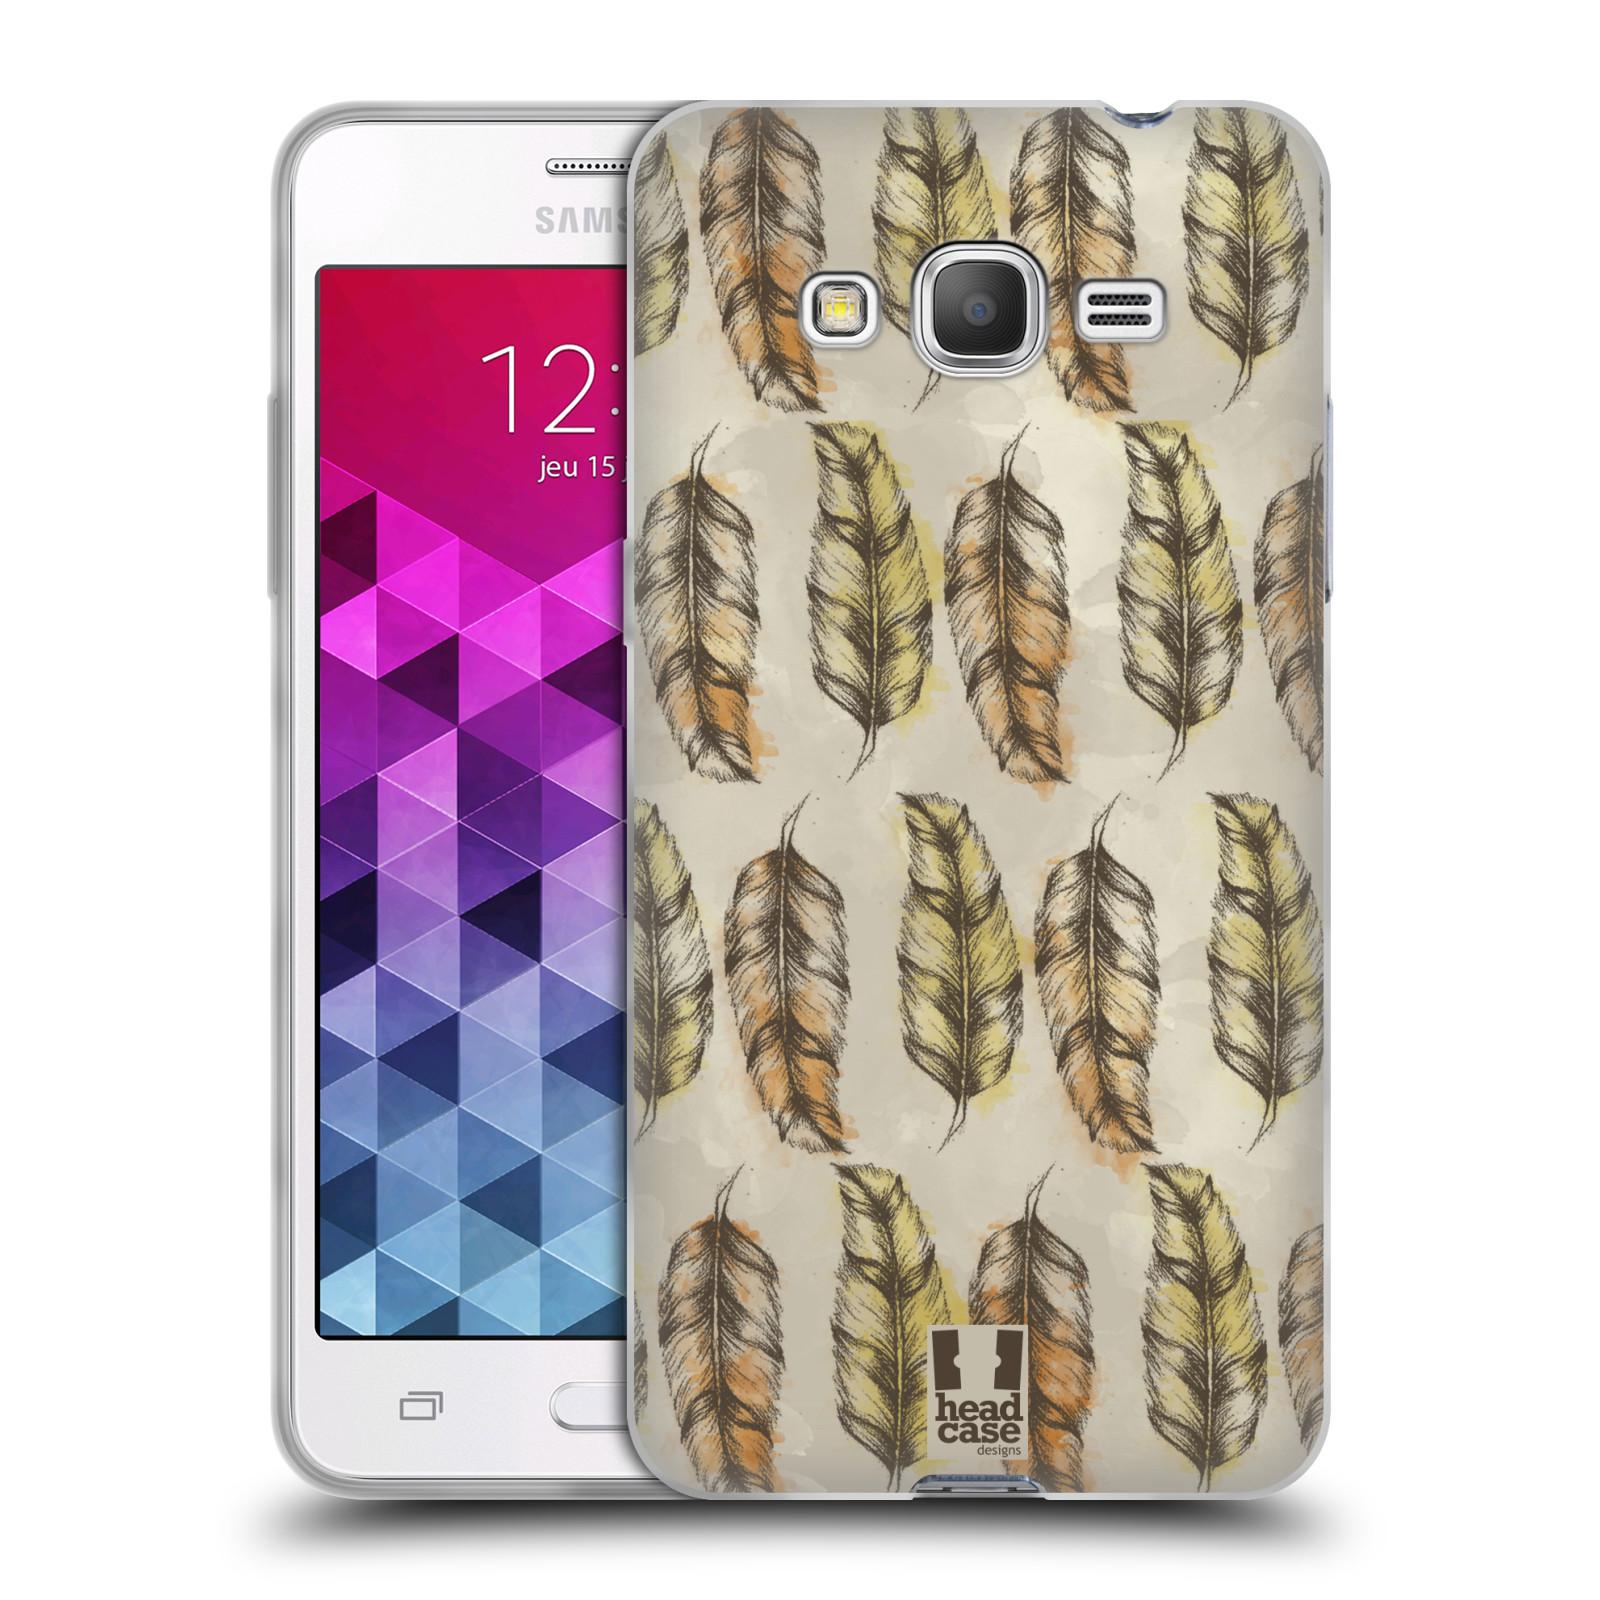 Silikonové pouzdro na mobil Samsung Galaxy Grand Prime VE - Head Case - Bohémská pírka (Silikonový kryt či obal na mobilní telefon s motivem Bohemian Soul pro Samsung Galaxy Grand Prime VE SM-G531F)